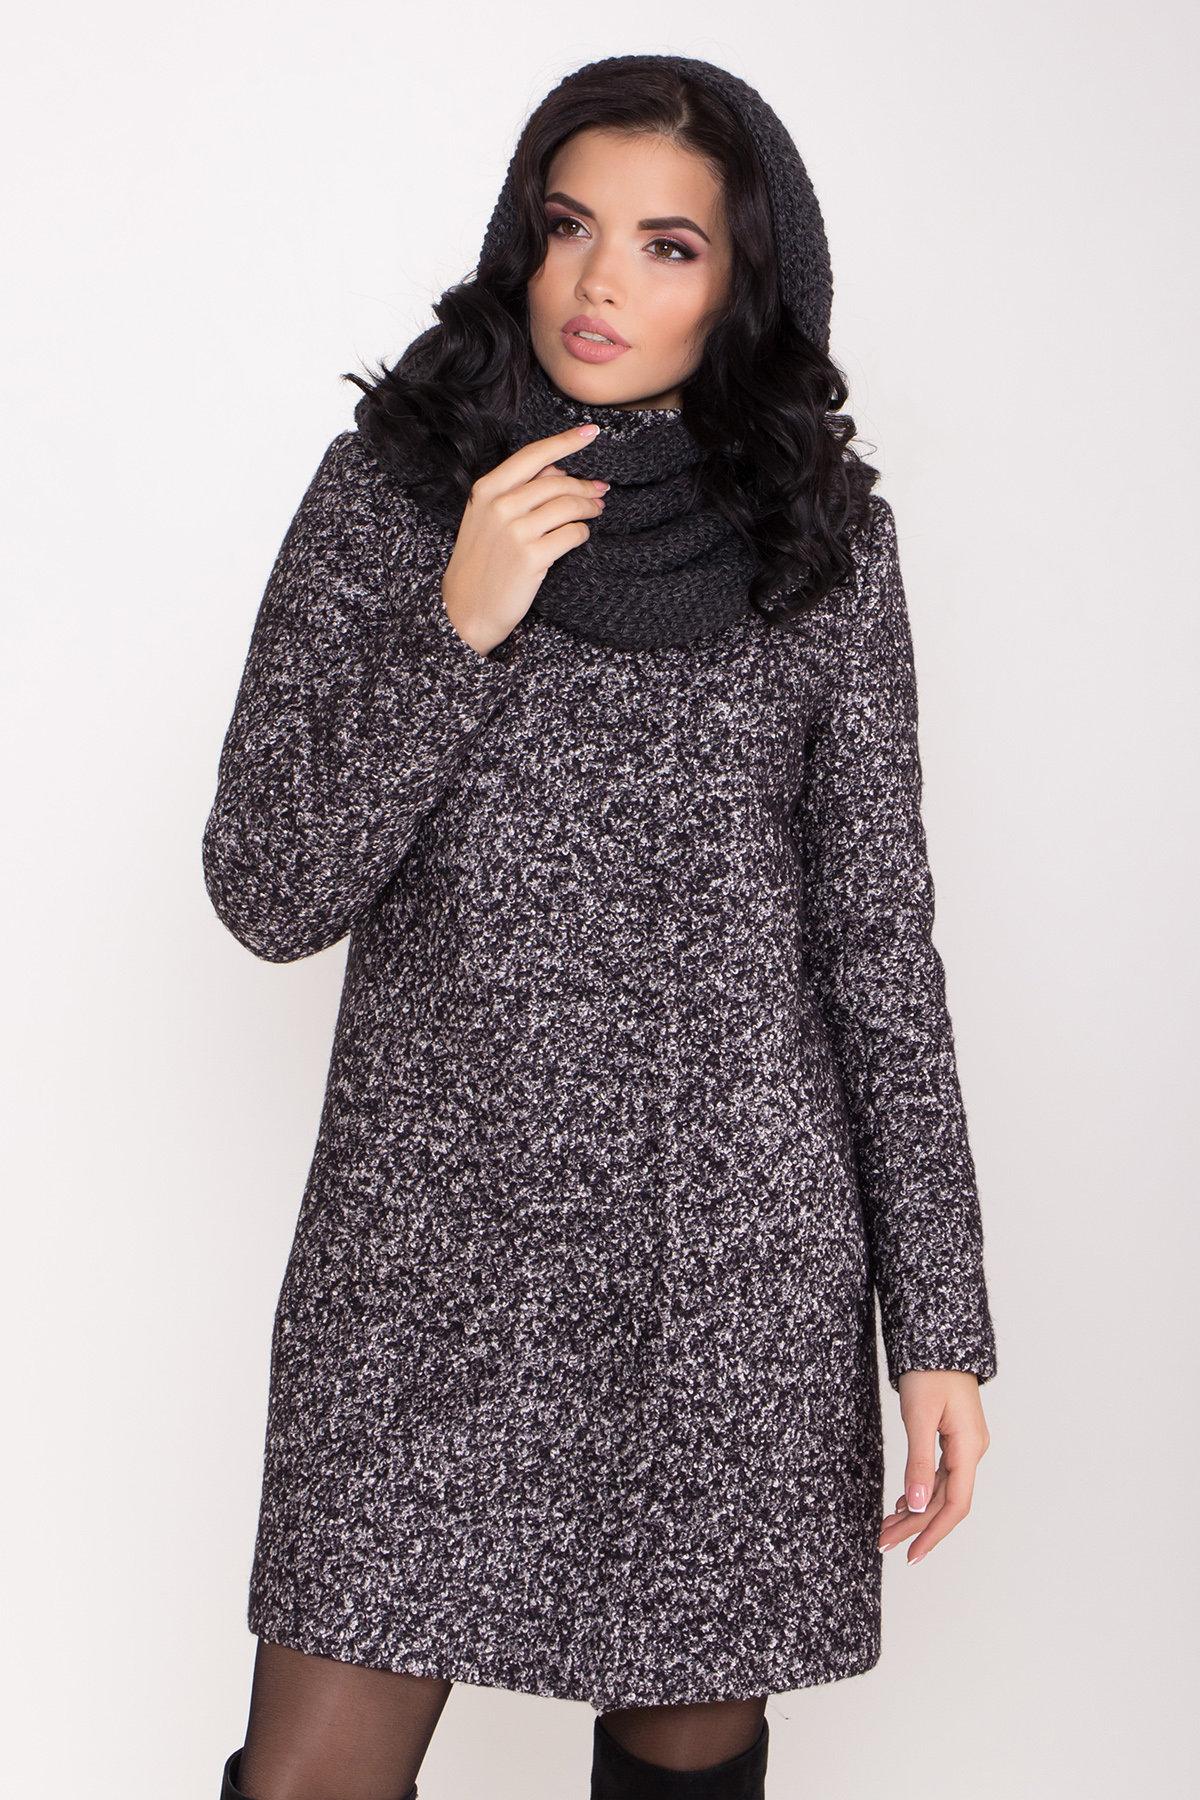 Пальто зима шерсть букле Фортуна 8508 АРТ. 44807 Цвет: Черный/серый - фото 5, интернет магазин tm-modus.ru